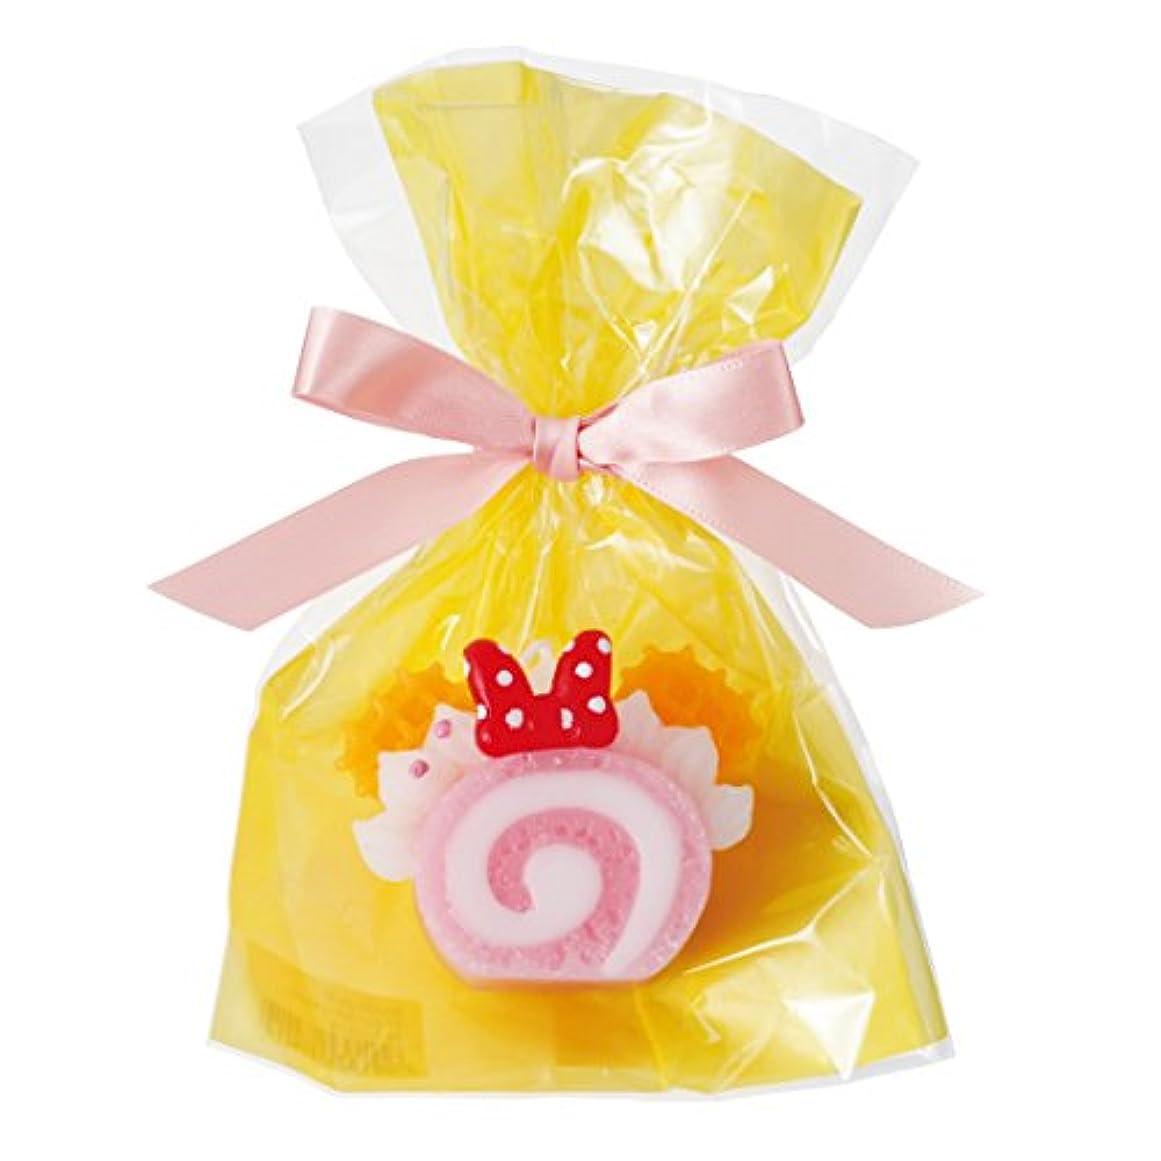 機知に富んだ調べる竜巻ディズニースイーツキャンドル 「 ピンクロールケーキ 」